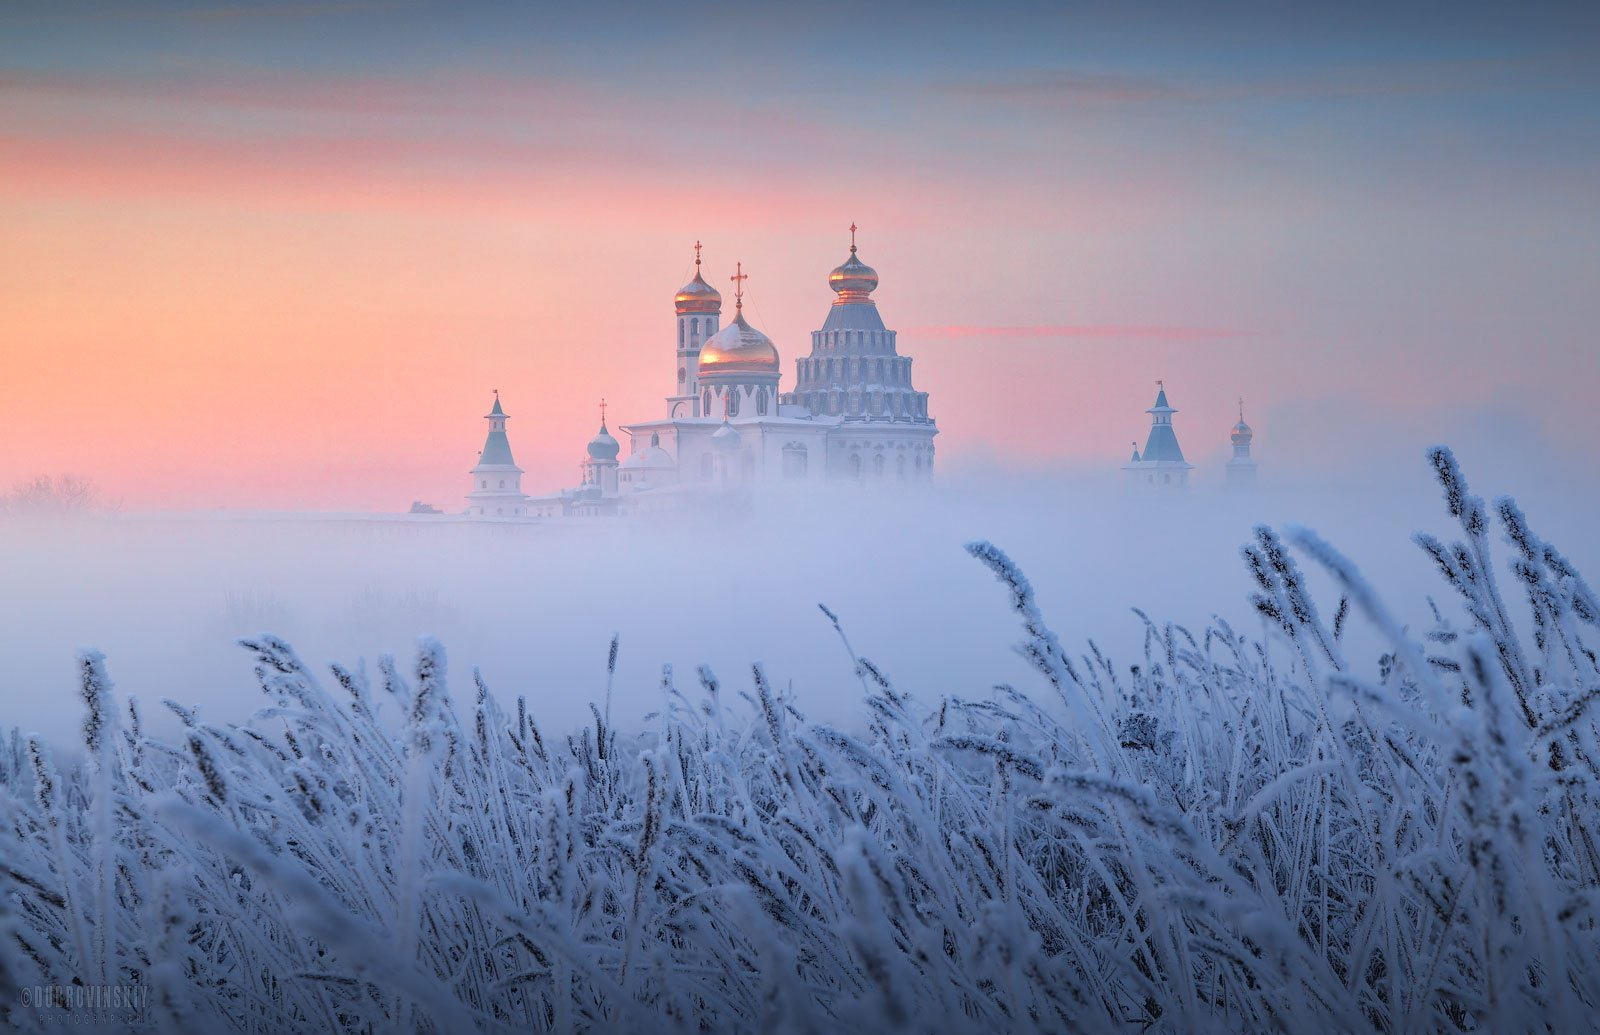 новый иерусалим, истра, монастырь, туман, иней, Дубровинский Михаил